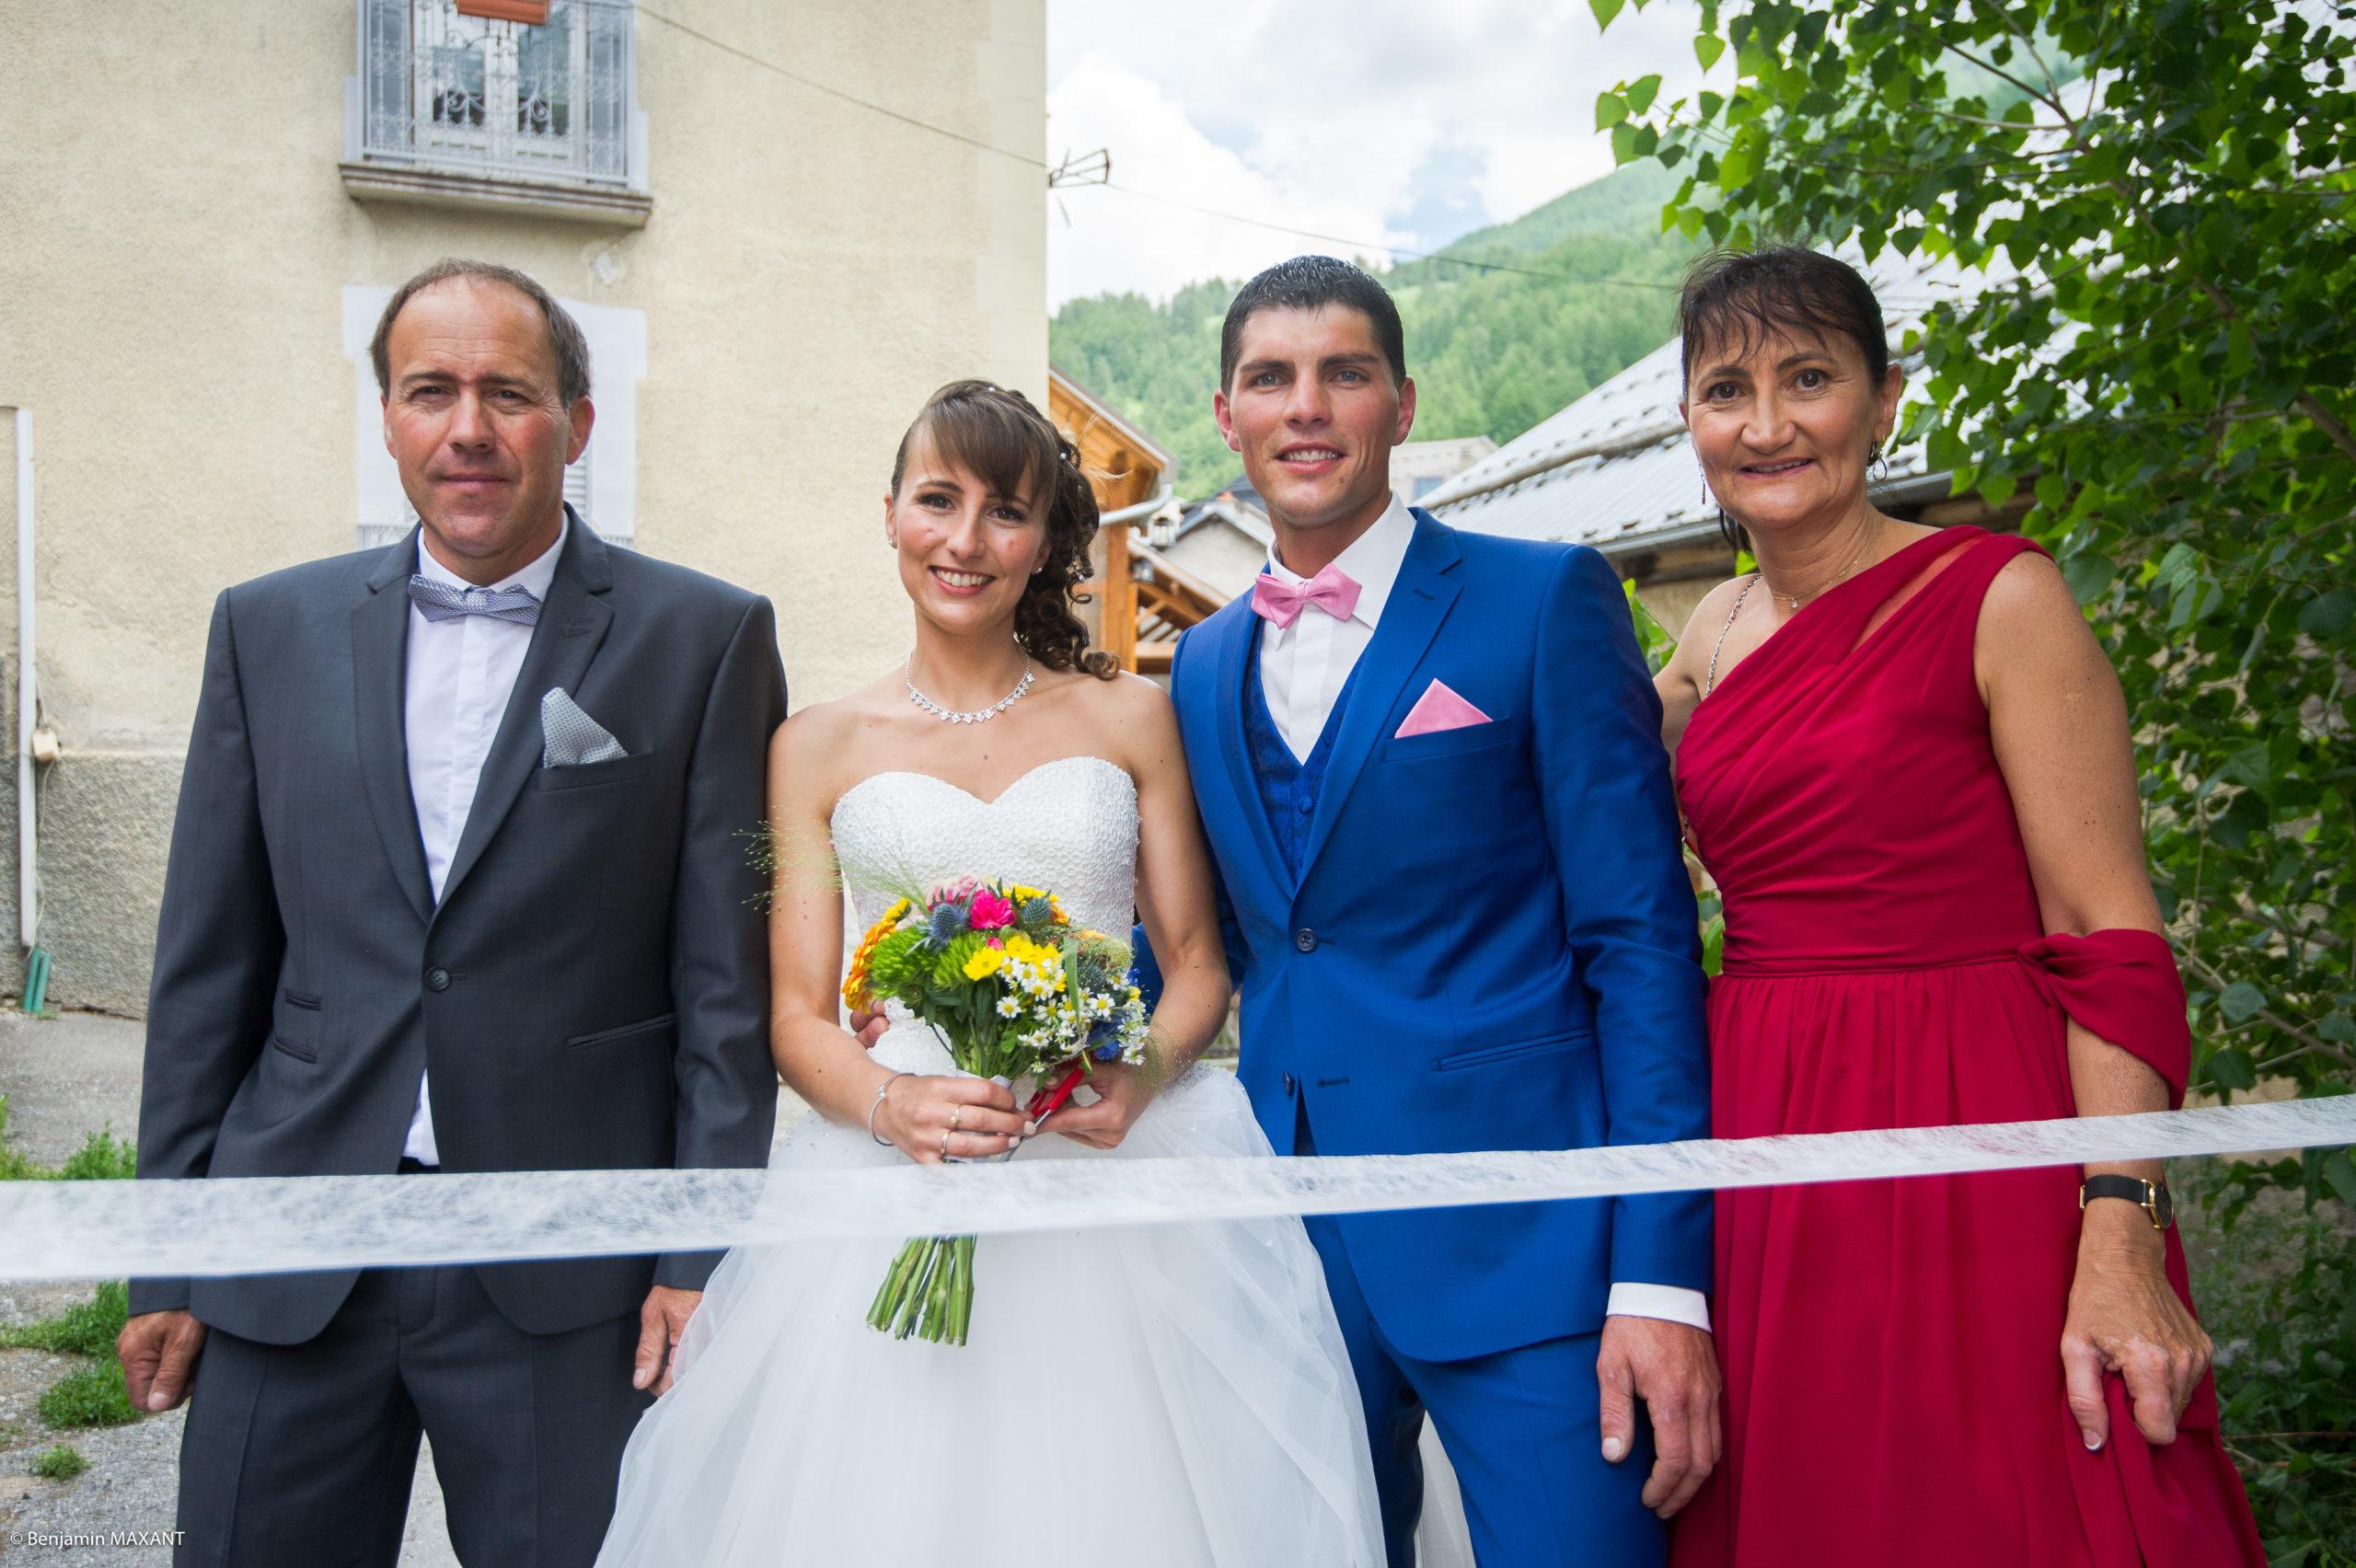 Les parent et les mariés devant le ruban traditionnel de mariage